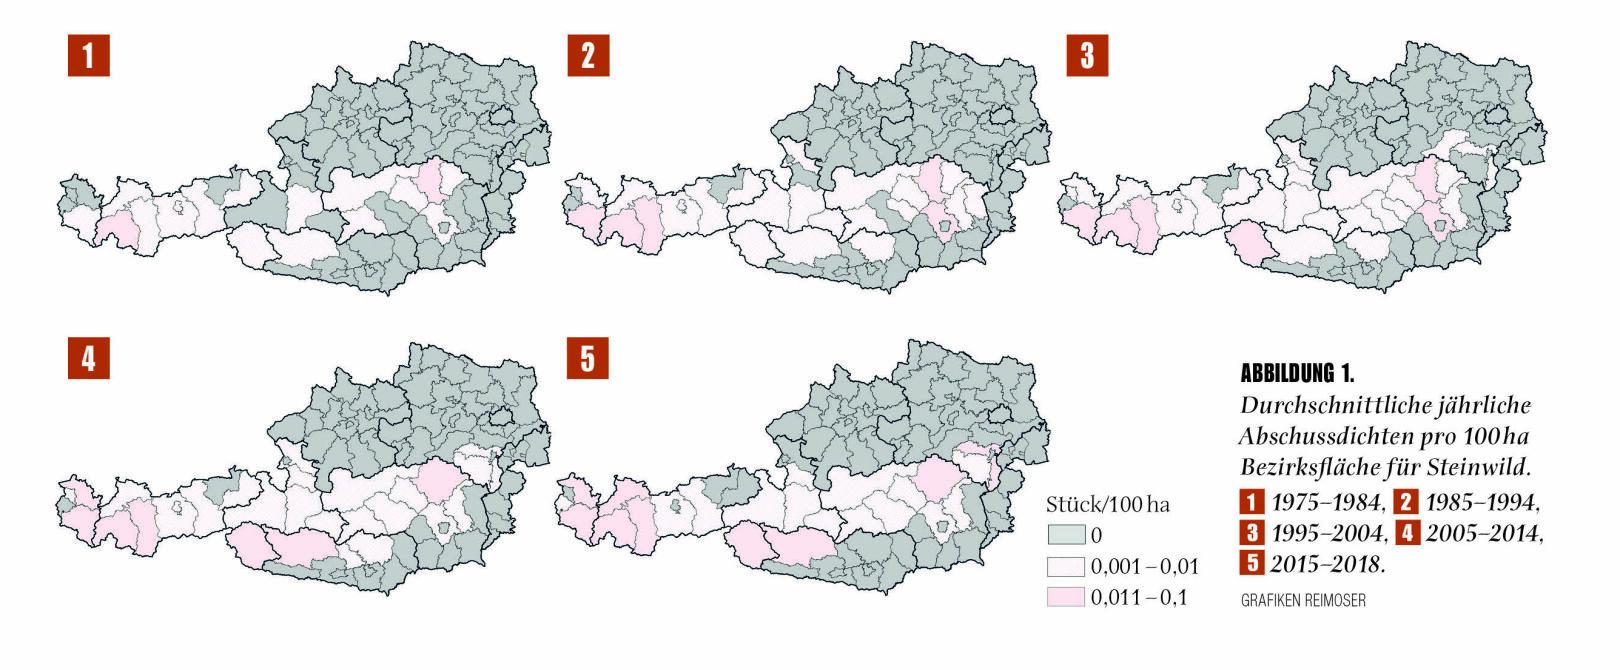 Abbildung 1 - Durchschnittliche jährliche Abschussdichten pro 100 ha Bezirksfläche für Steinwild. - © Grafik Reimoser